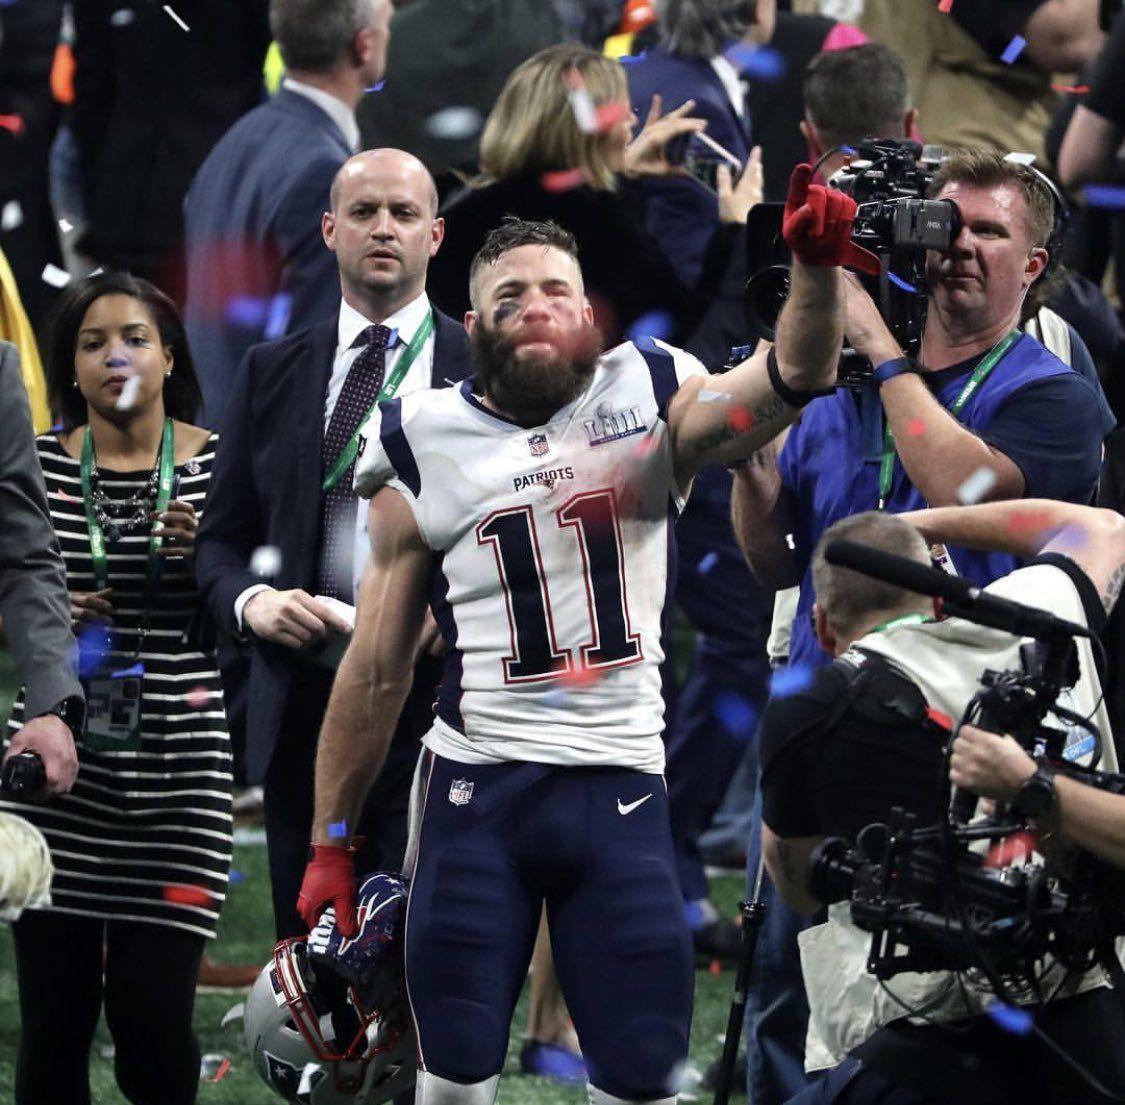 Julian Edelman Super Bowl Liii Mvp Julian Edelman Patriots Julian Edelman New England Patriots